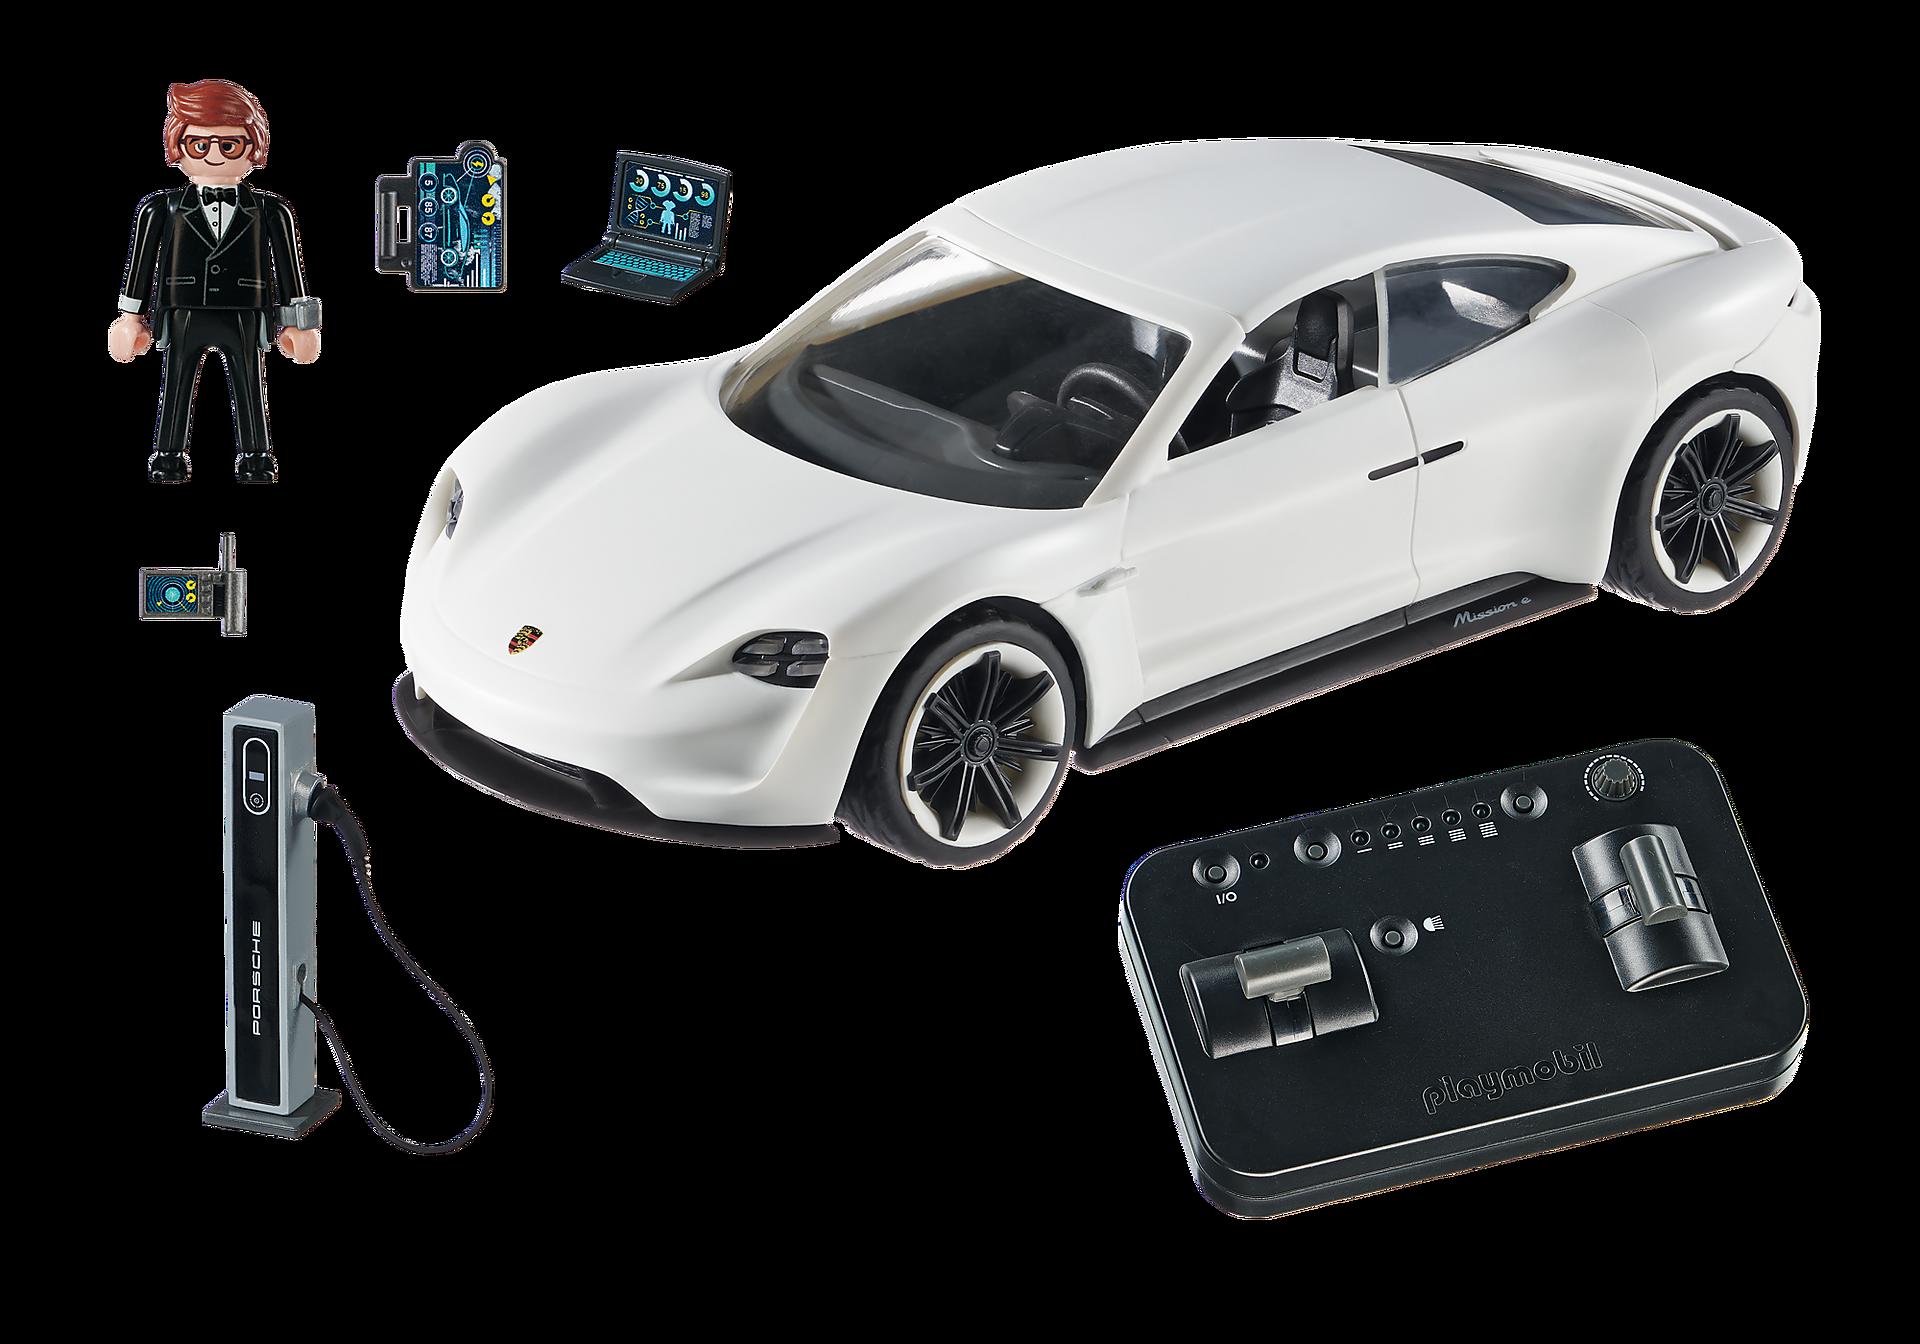 http://media.playmobil.com/i/playmobil/70078_product_box_back/PLAYMOBIL: THE MOVIE Porsche Mission E Rex'a Desher'a